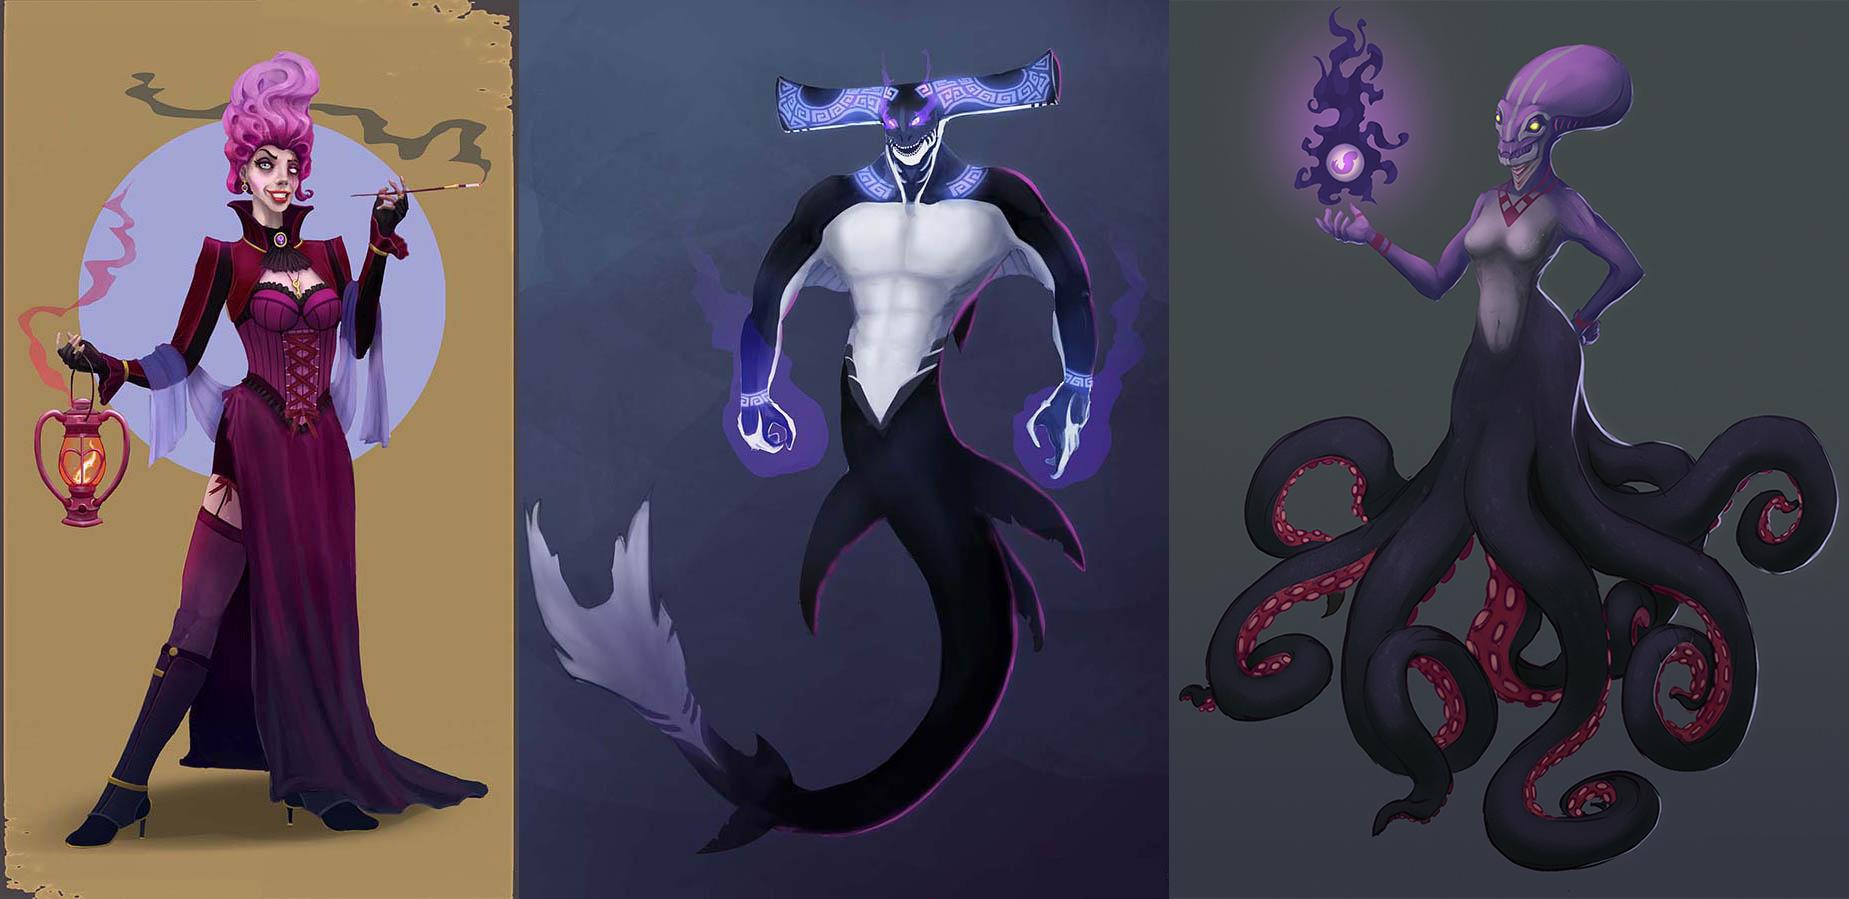 Fishes   Концепт-художник. Разные стили. 2D (в основном) + 3D